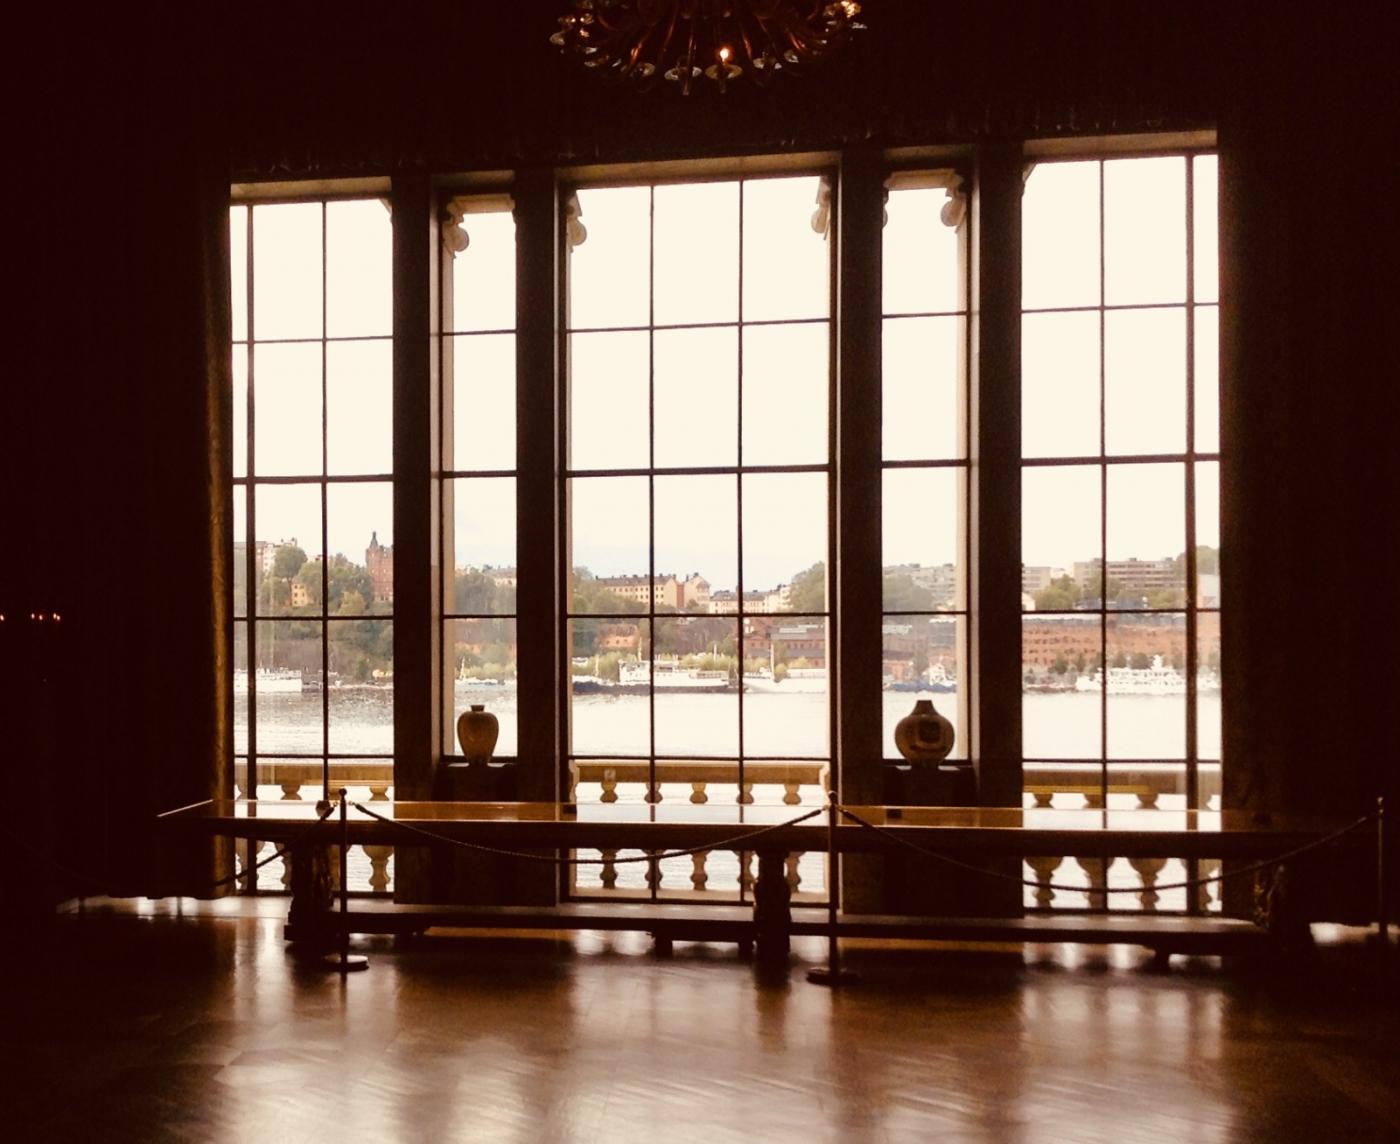 《摄影》老城旧影-斯德哥尔摩_图1-1